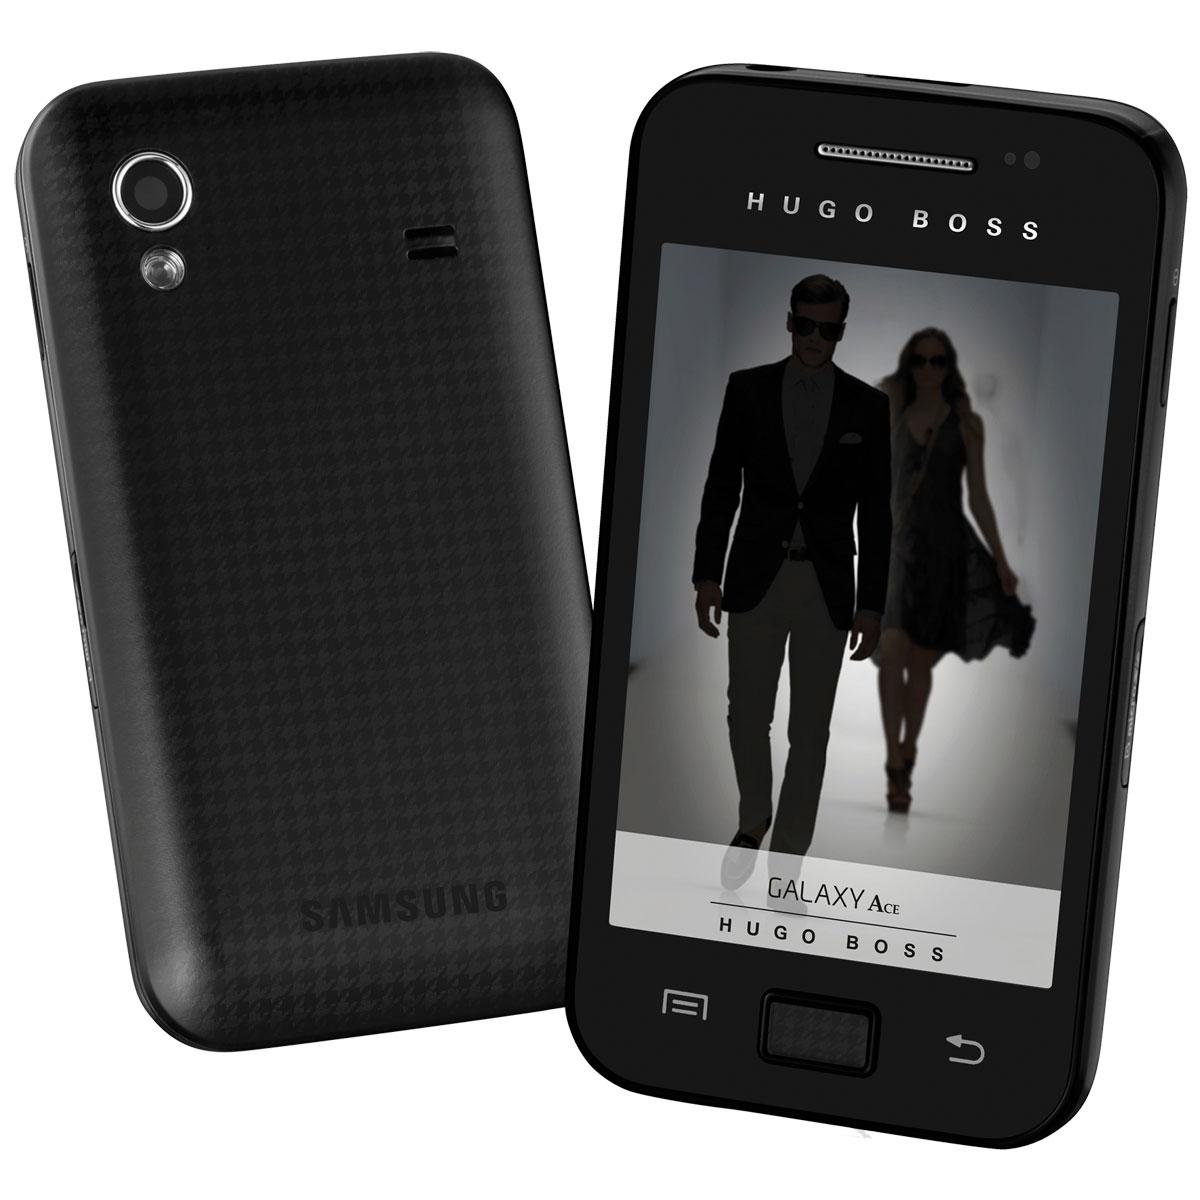 Samsung Galaxy Ace S5830 Precio Galaxy Ace S5830 Hugo Boss